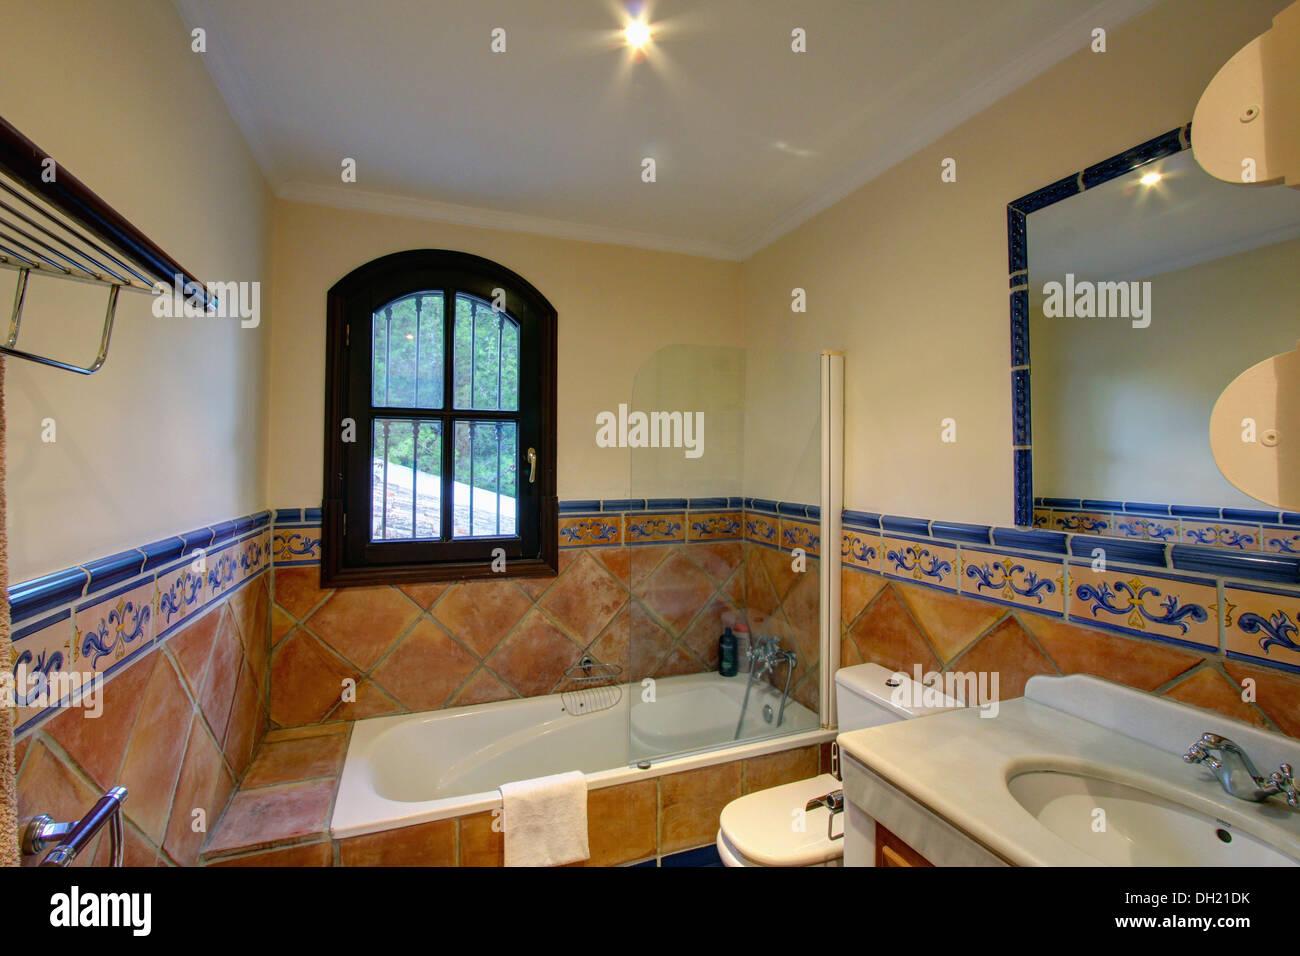 Ventana en español sobre la bañera, cuarto de baño con ...